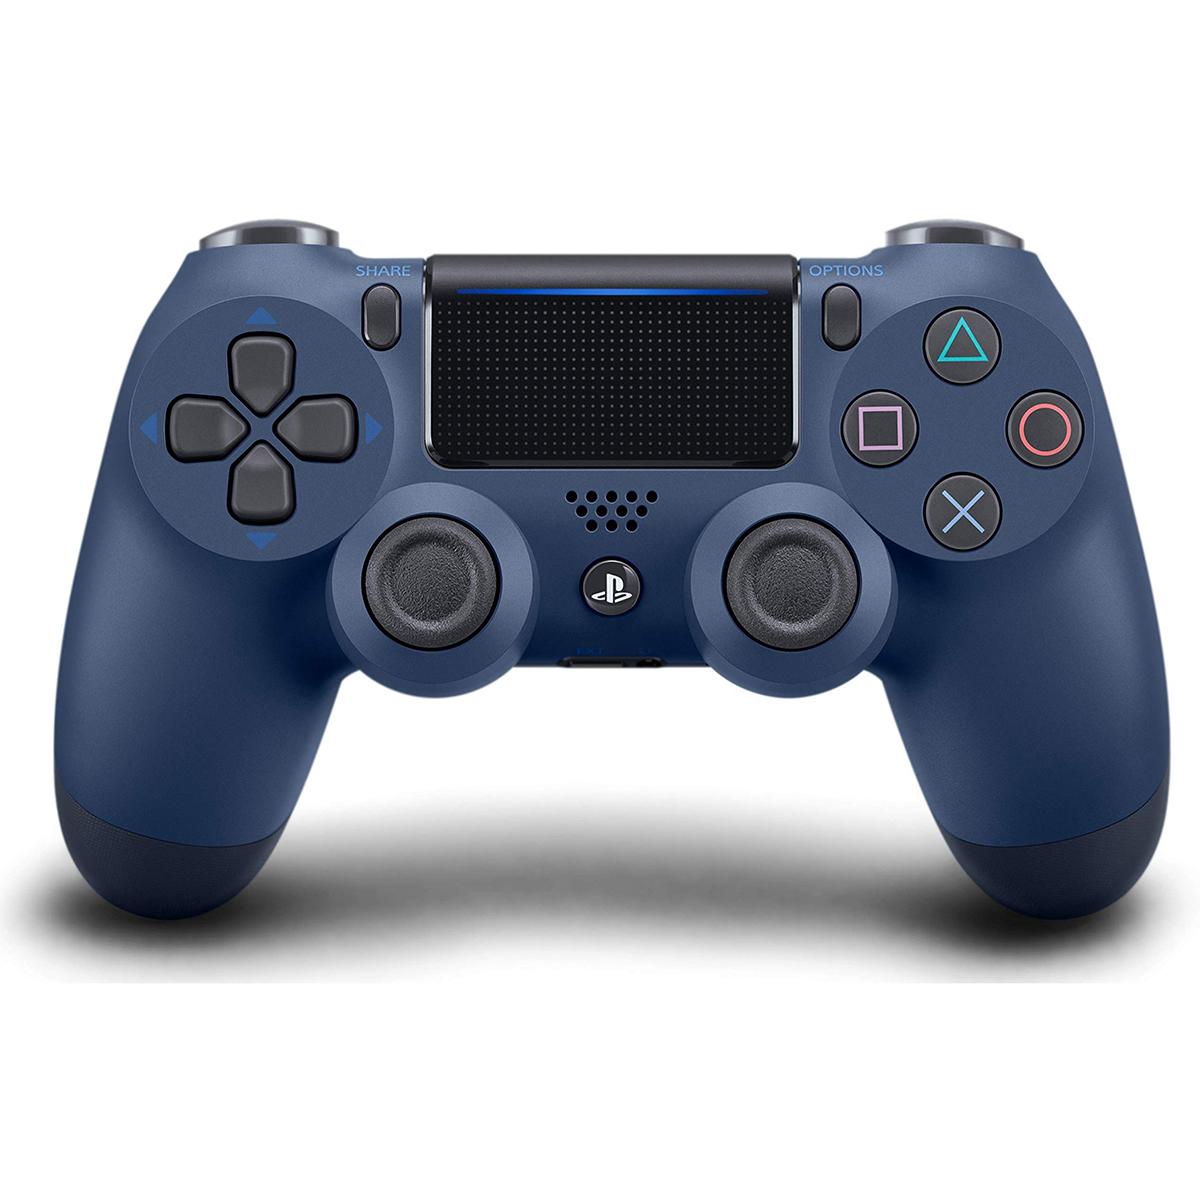 소니 PS4 듀얼쇼크4 무선컨트롤러 미드나잇블루, 1개, 단일모델